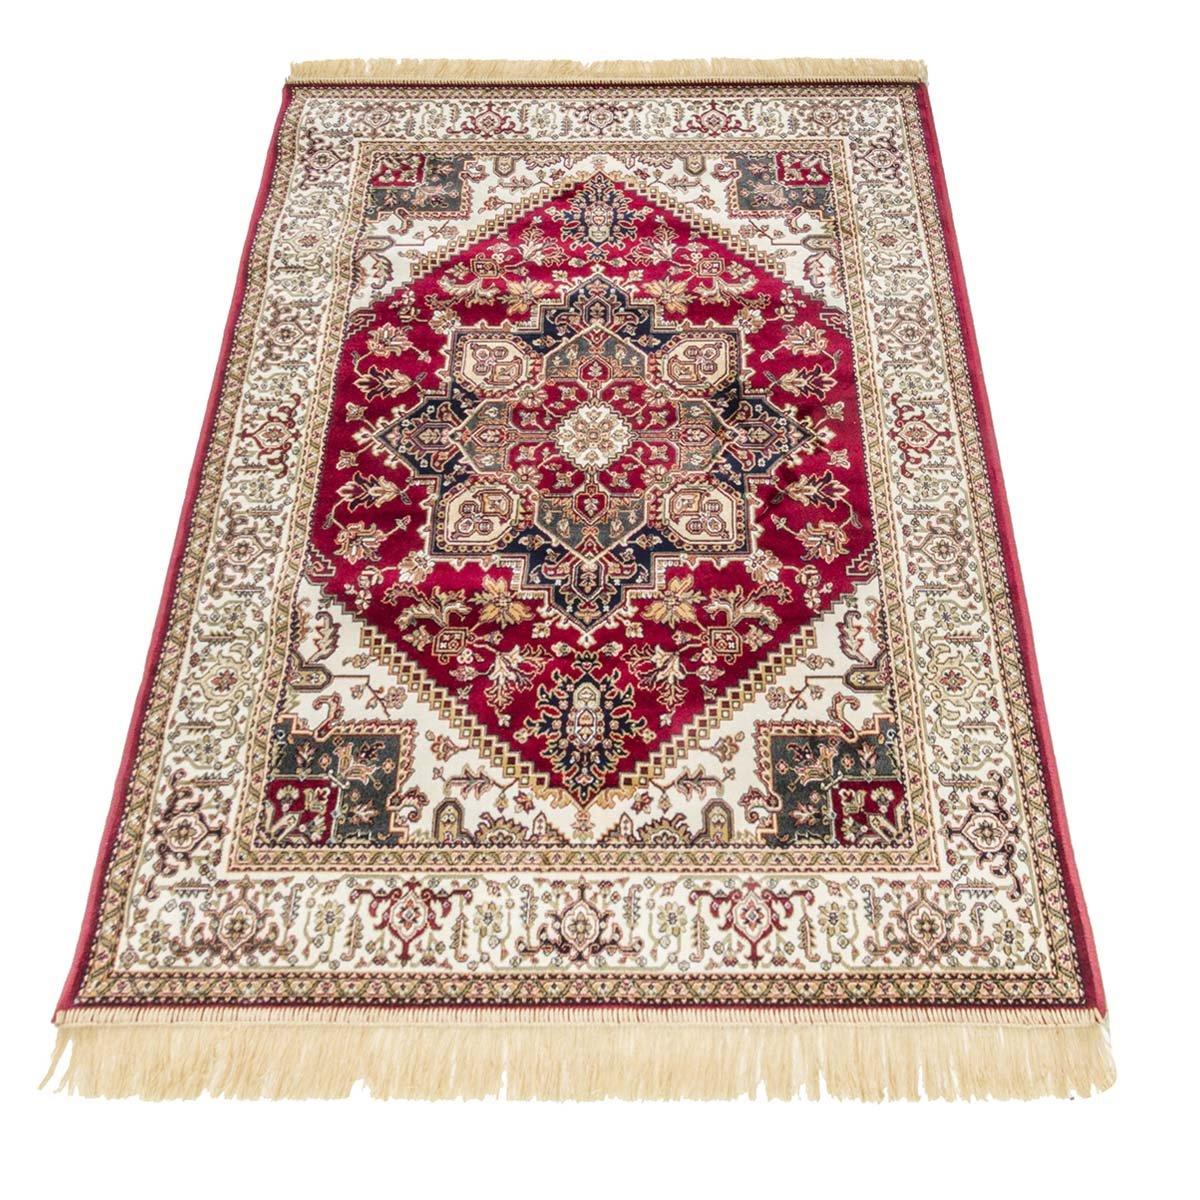 WEBTAPPETI Klassischer Teppich Orient Teppich Heriz RUBINE 304-rosso 2 pz. cm.70x110 + 1 pz. cm. 80x150 rot